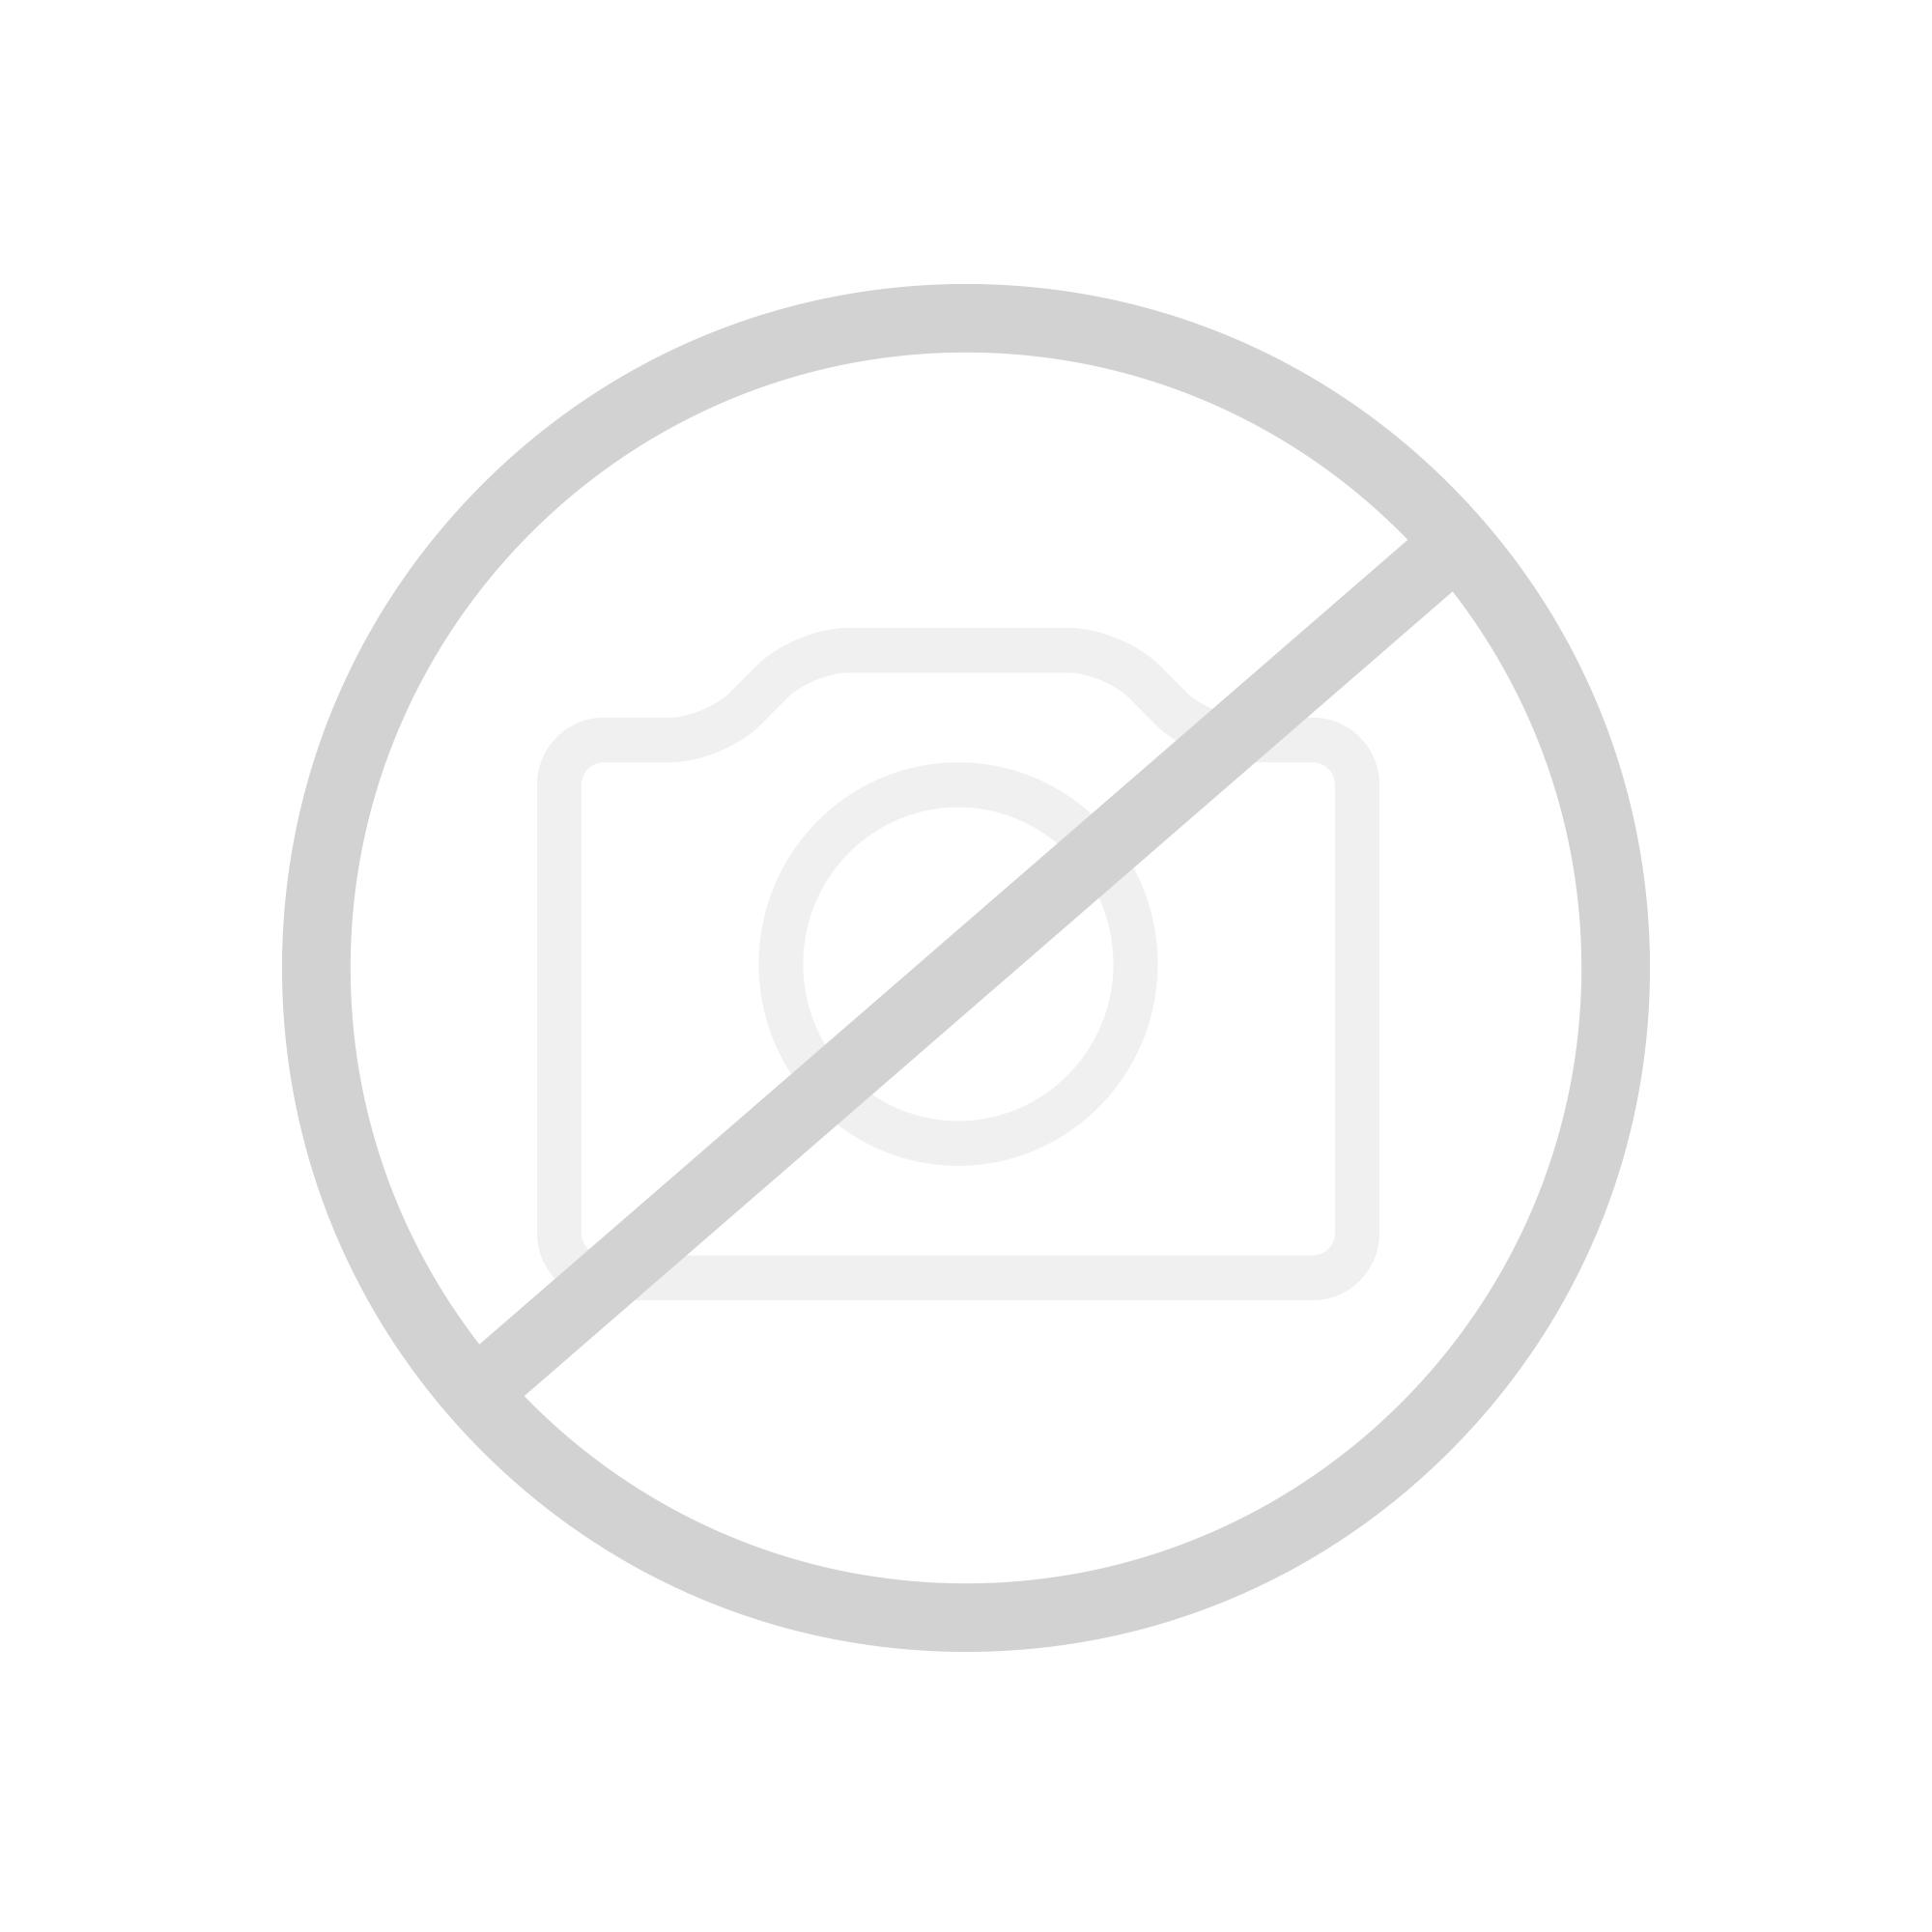 hansgrohe axor uno einhebel waschtischmischer ohne ablaufgarnitur 38031000 reuter onlineshop. Black Bedroom Furniture Sets. Home Design Ideas